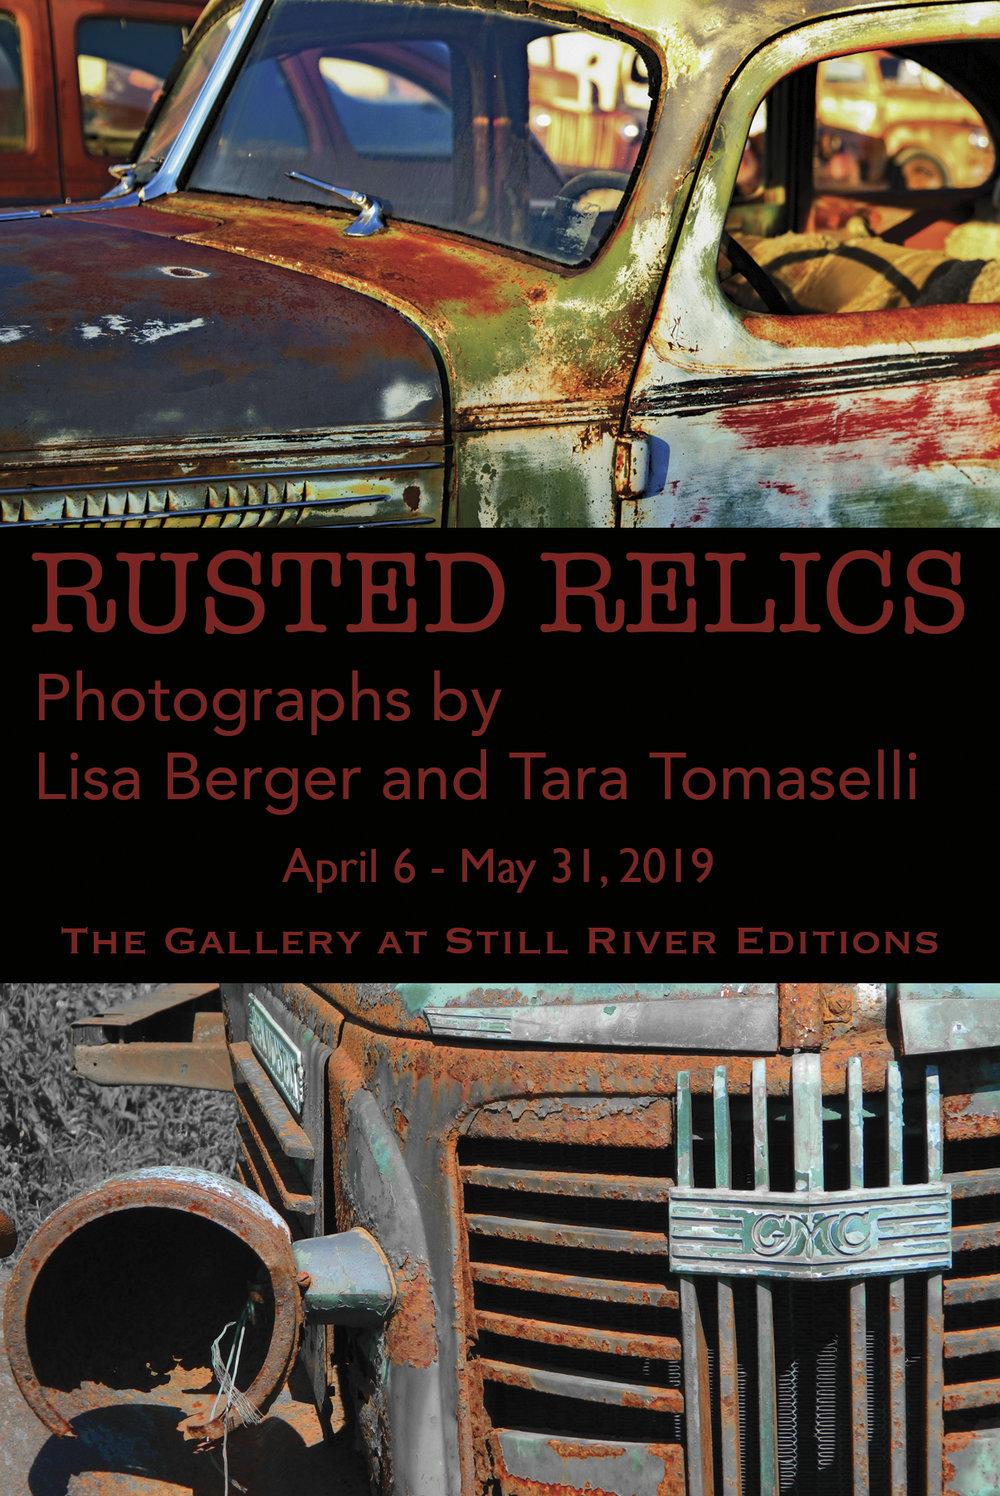 a_rusted_relics_4x6_Standard_Postcards-newtemp_var2.jpg